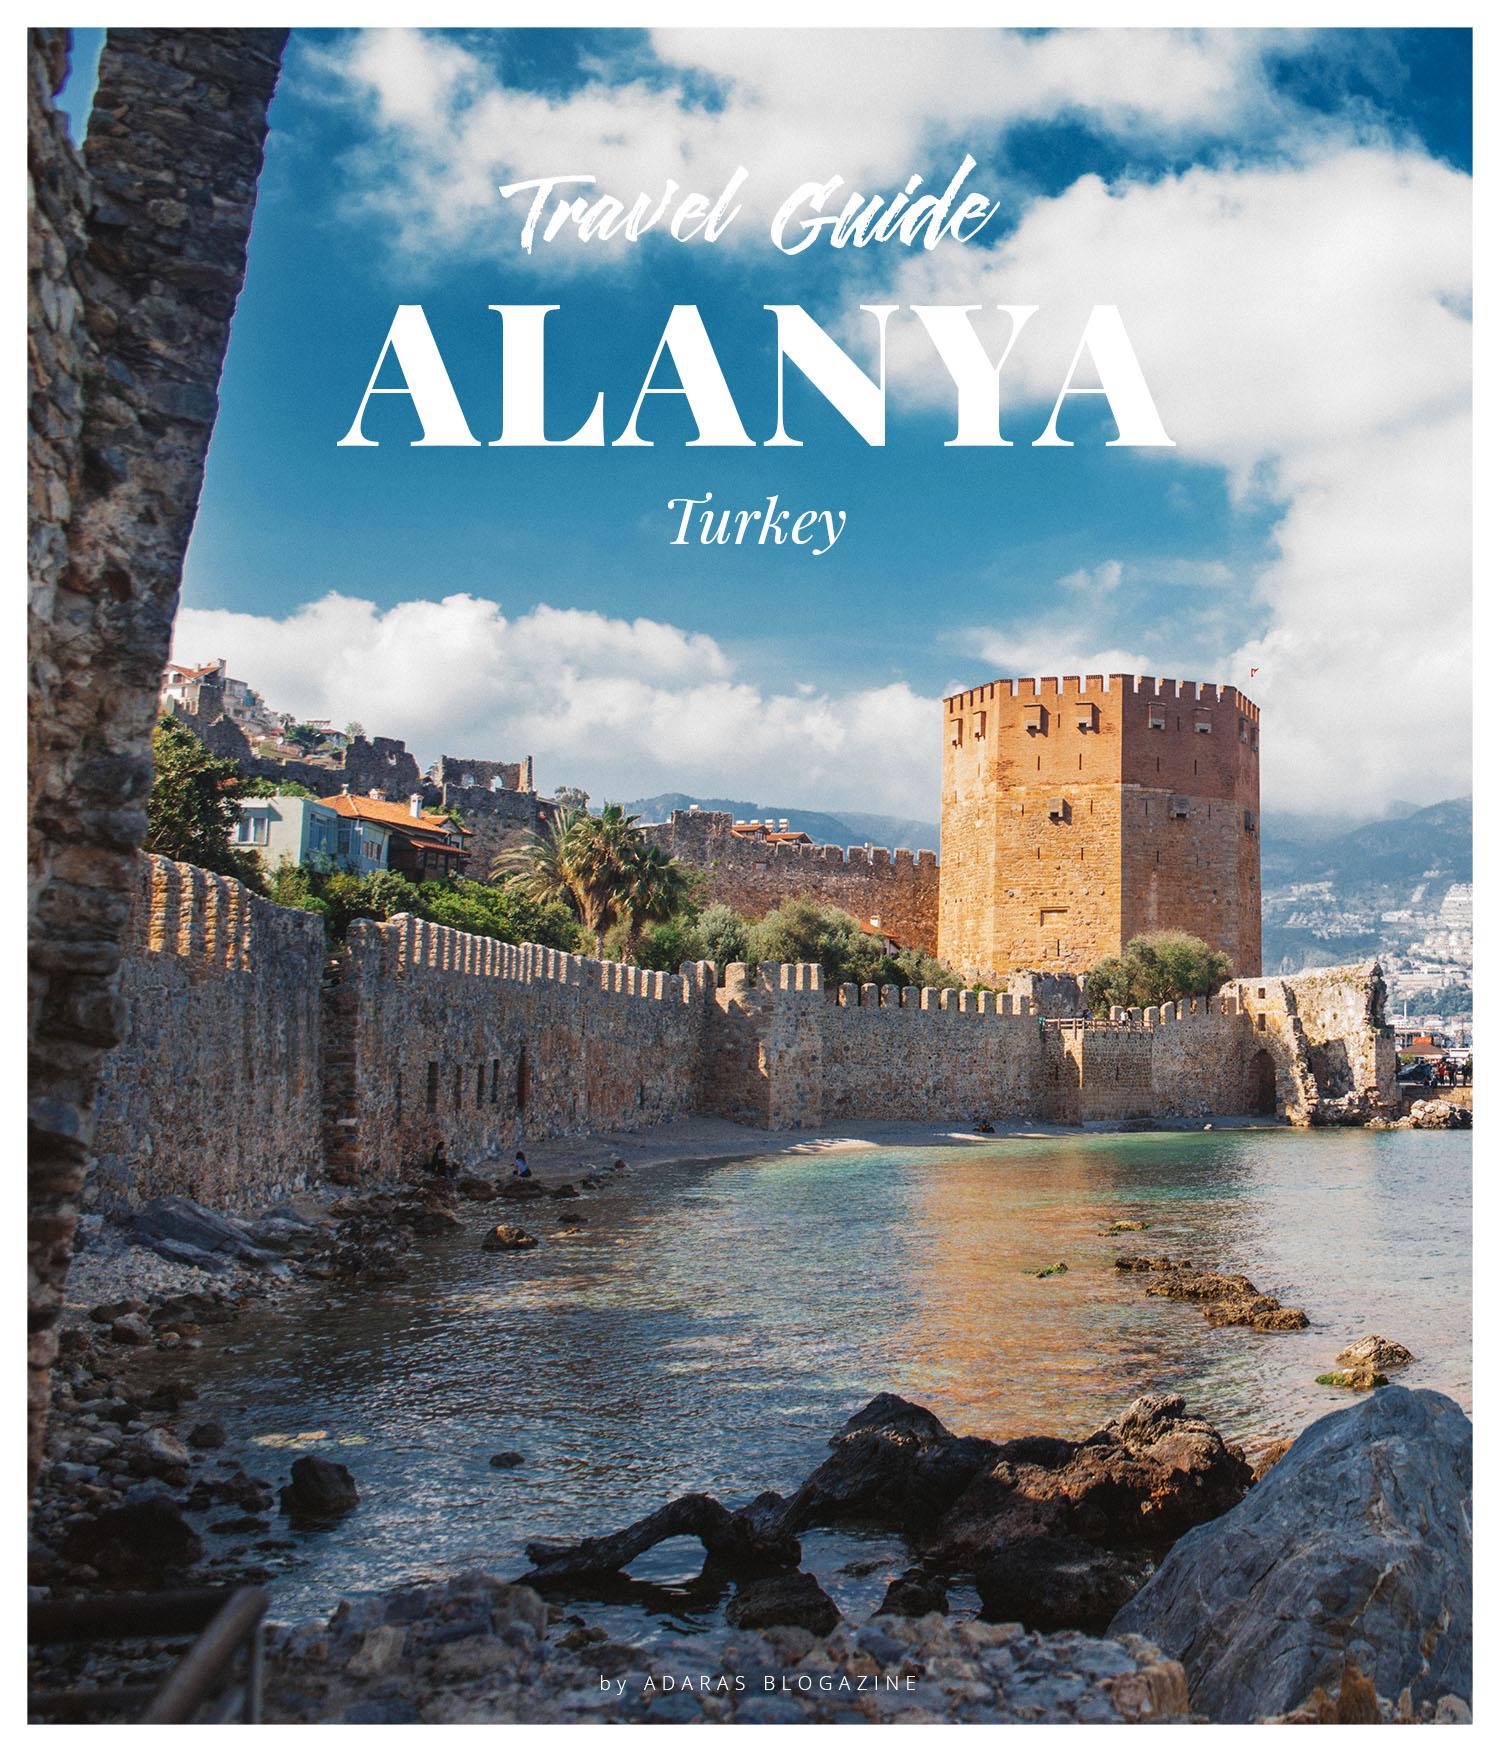 Guide till Alanya - Sevärdheter och äventyr i Turkiets Riviera